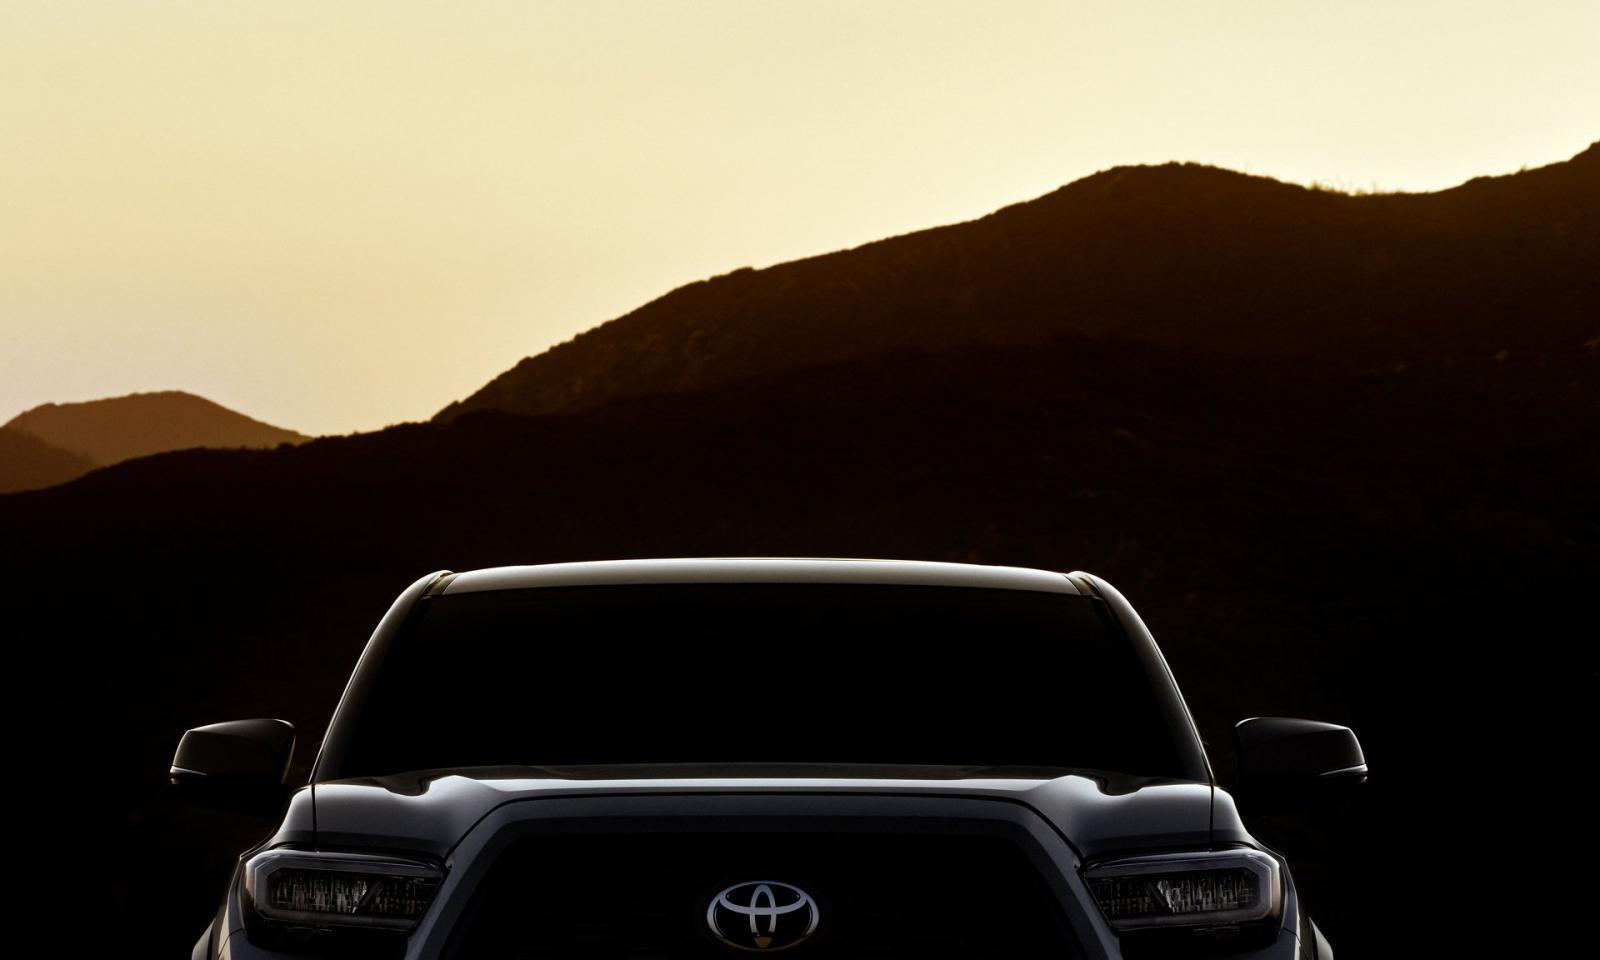 Toyota Tacoma 2020 Teaser